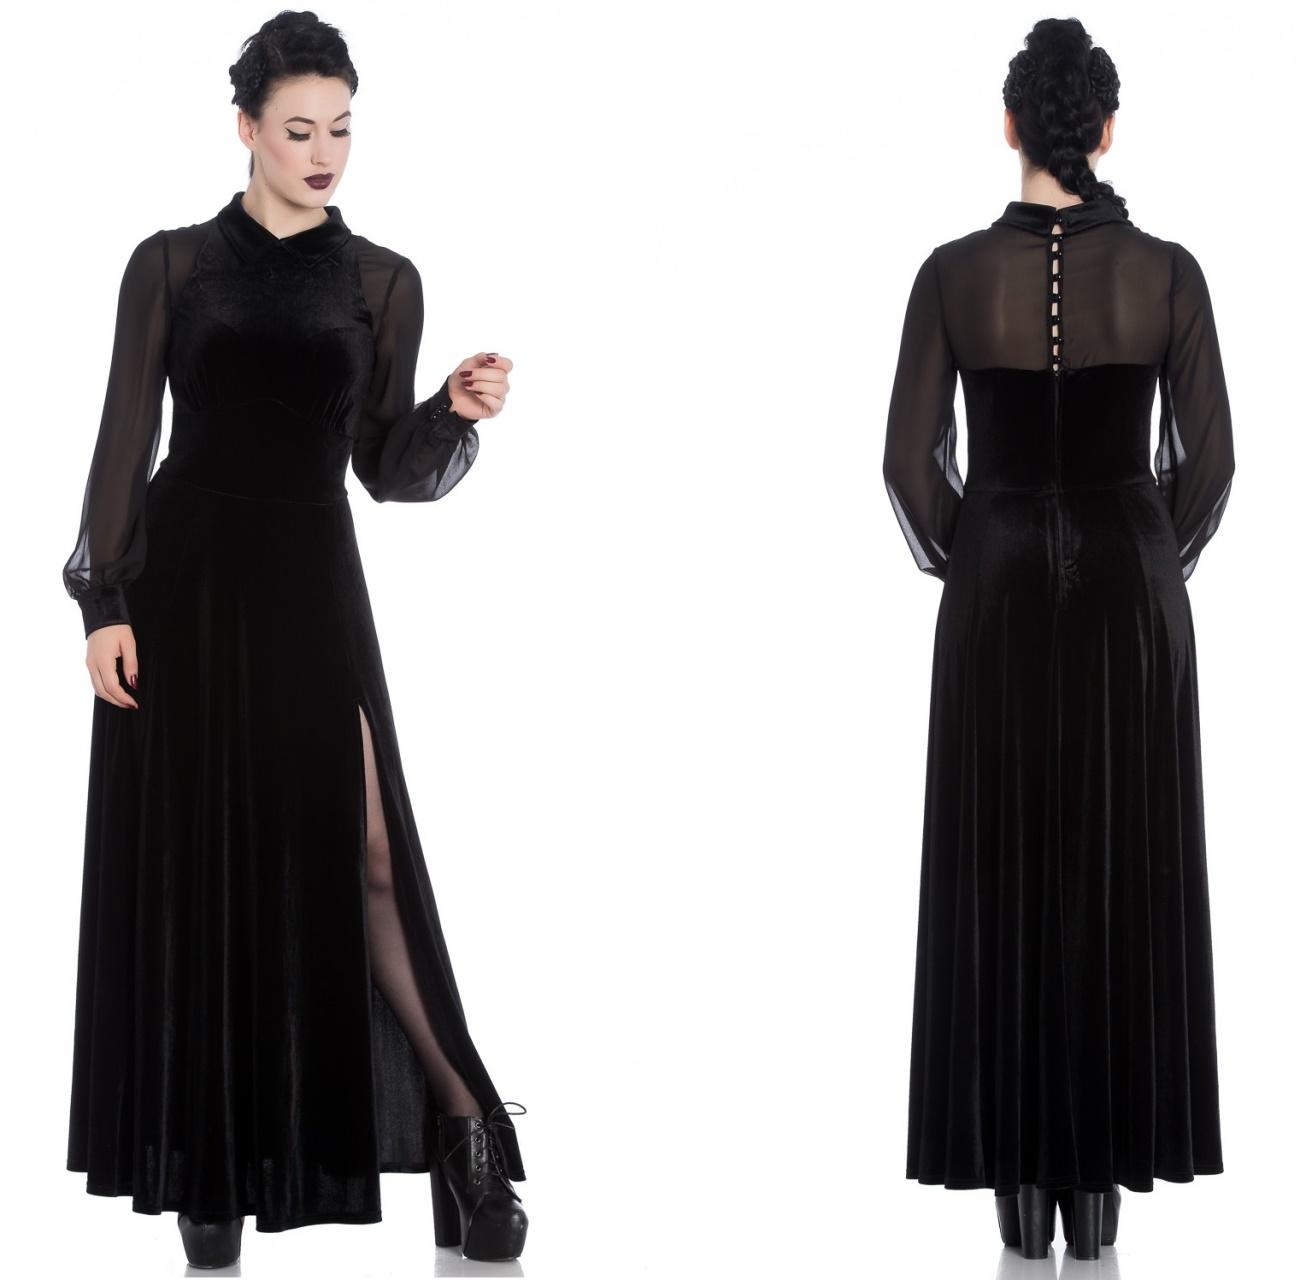 Estelle Dress Spin Doctor Langes Gothickleid bis Plussize - Spin ...